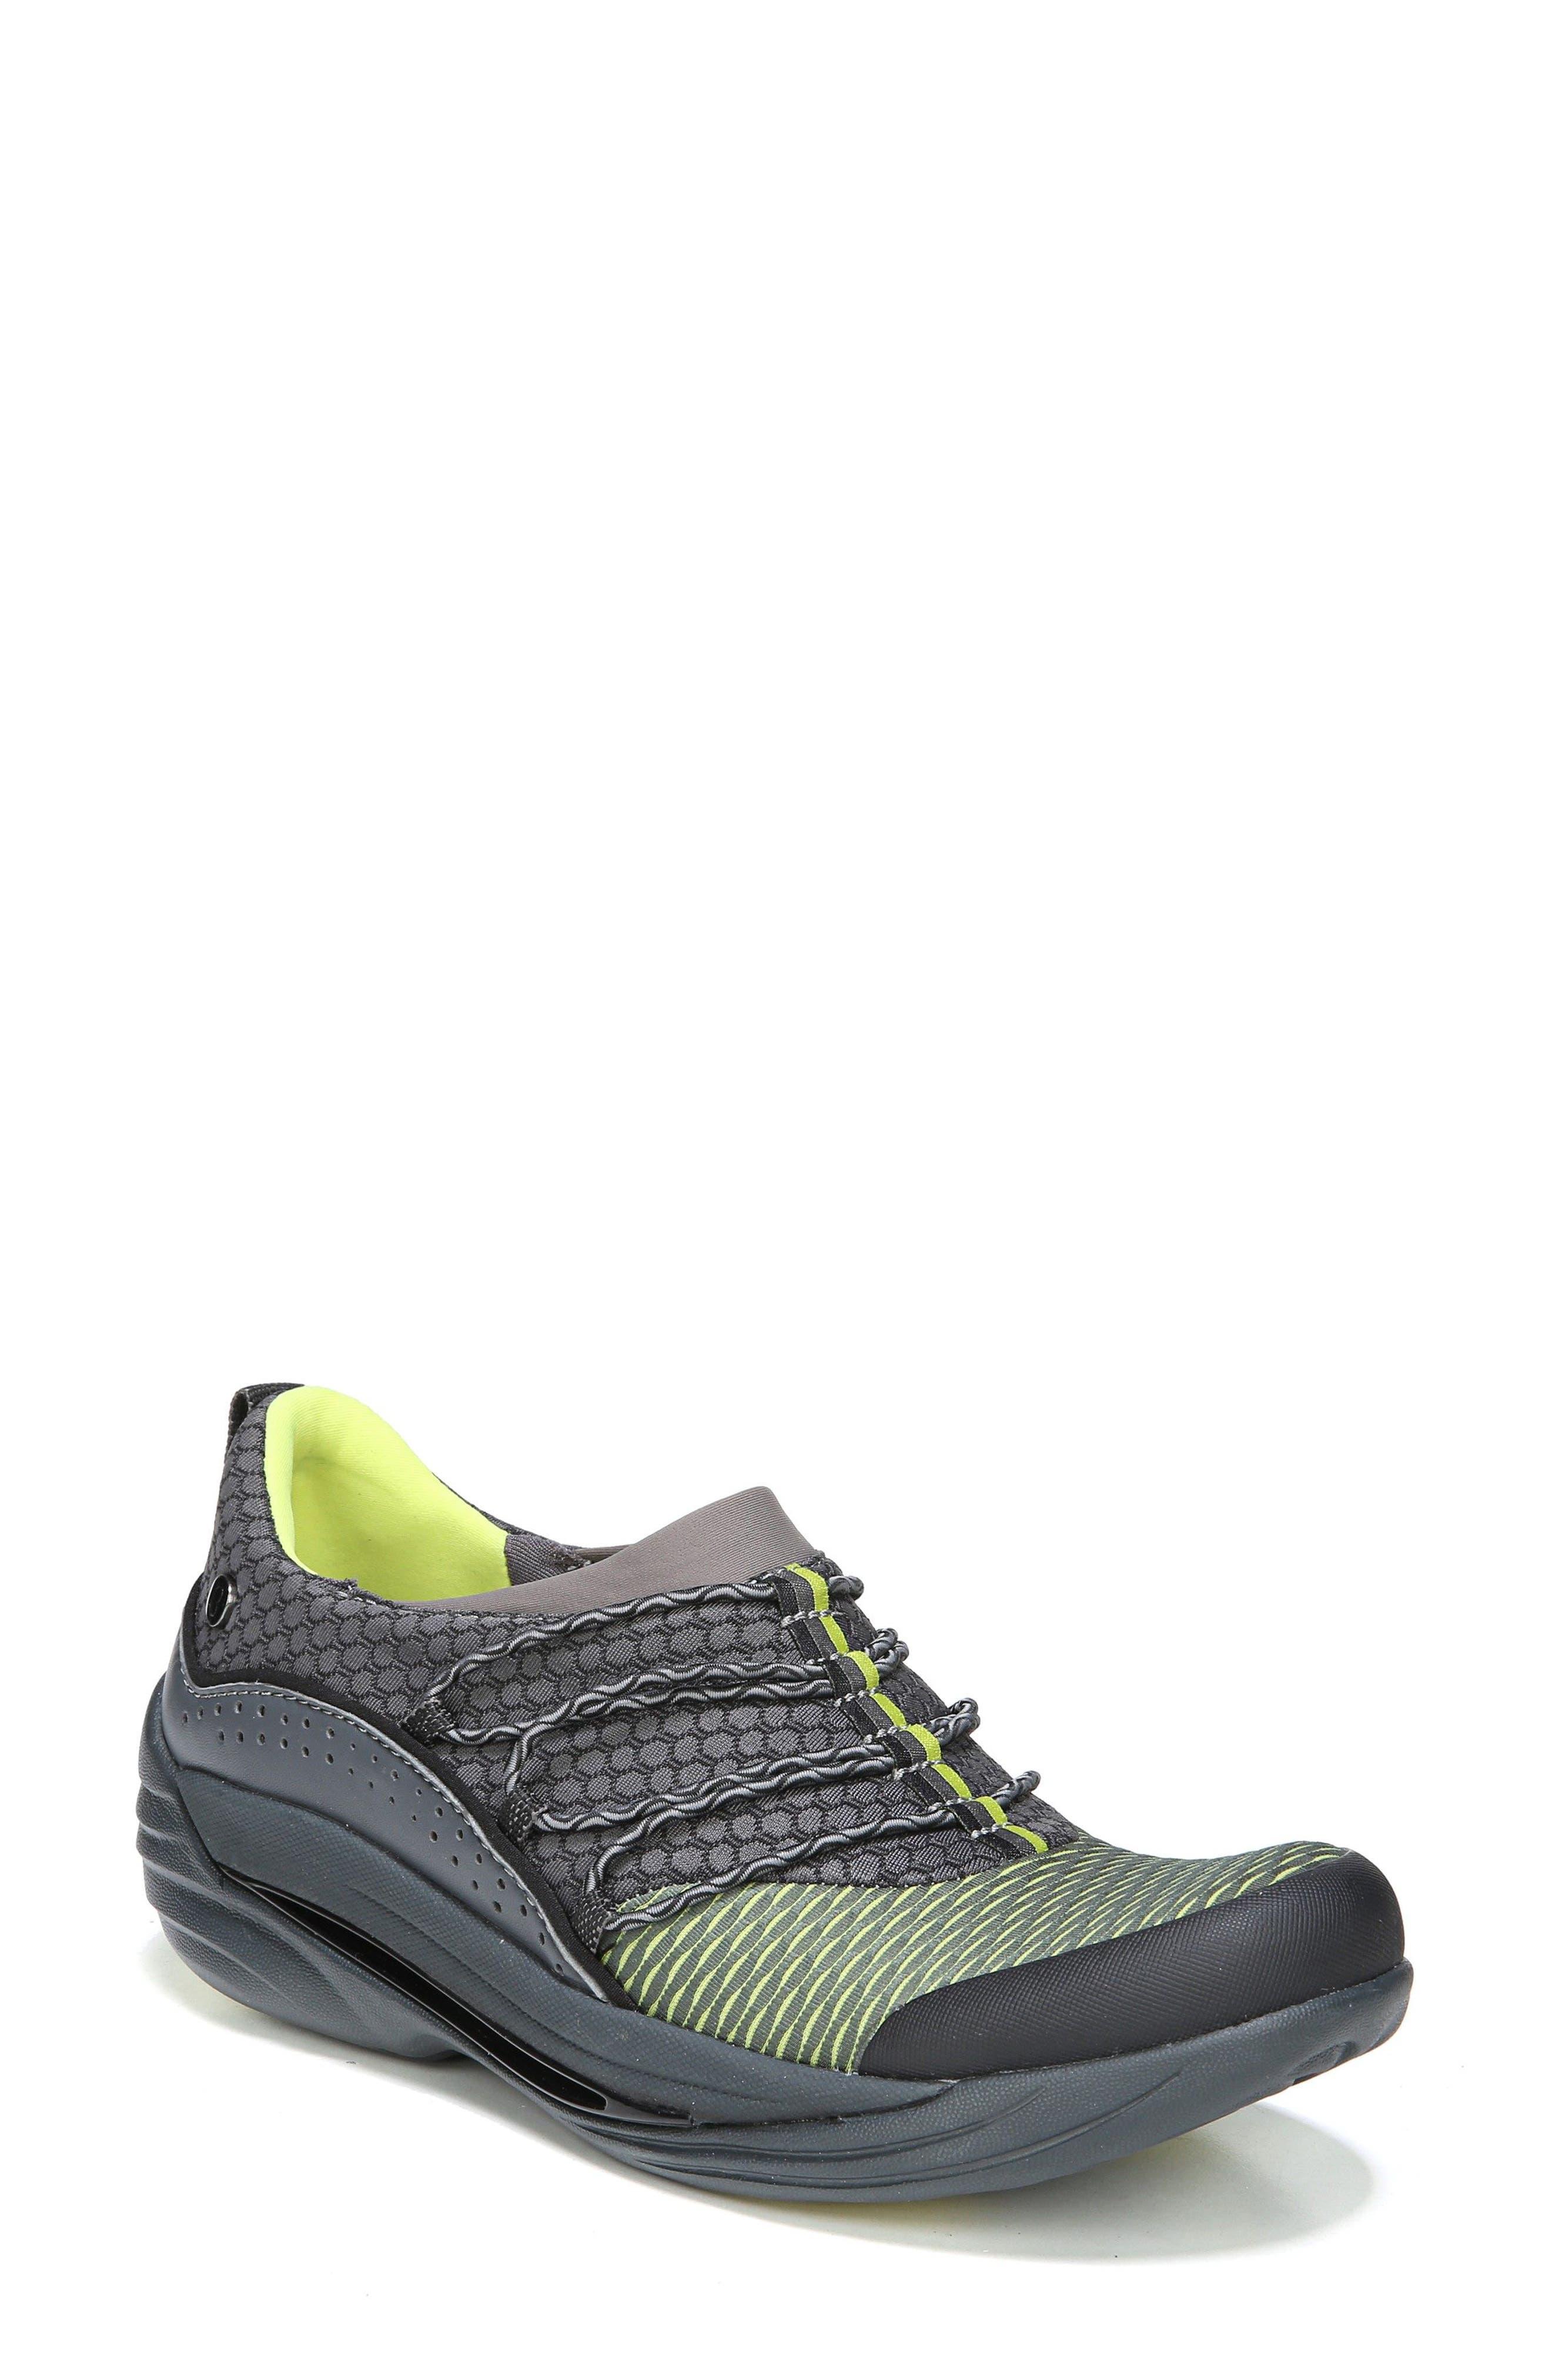 Alternate Image 1 Selected - BZees Pisces Slip-On Sneaker (Women)